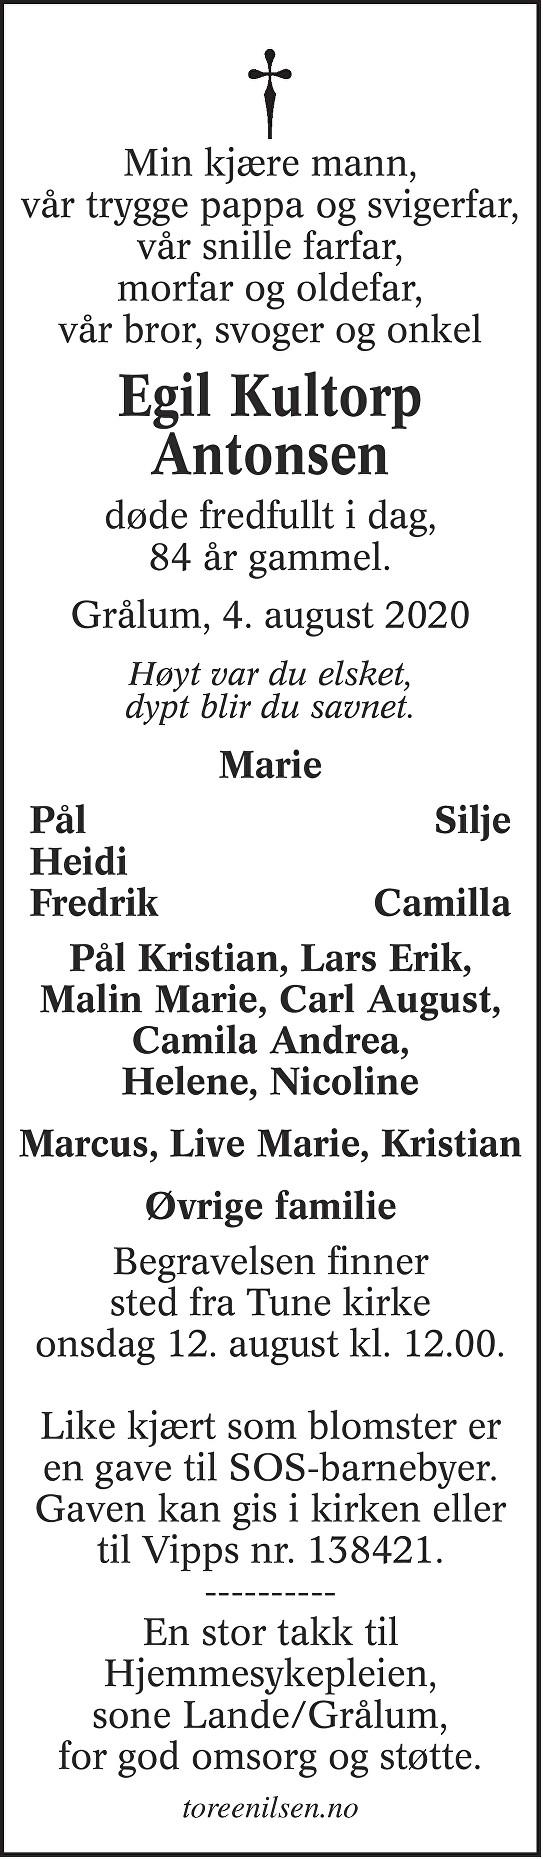 Egil Kultorp Antonsen Dødsannonse